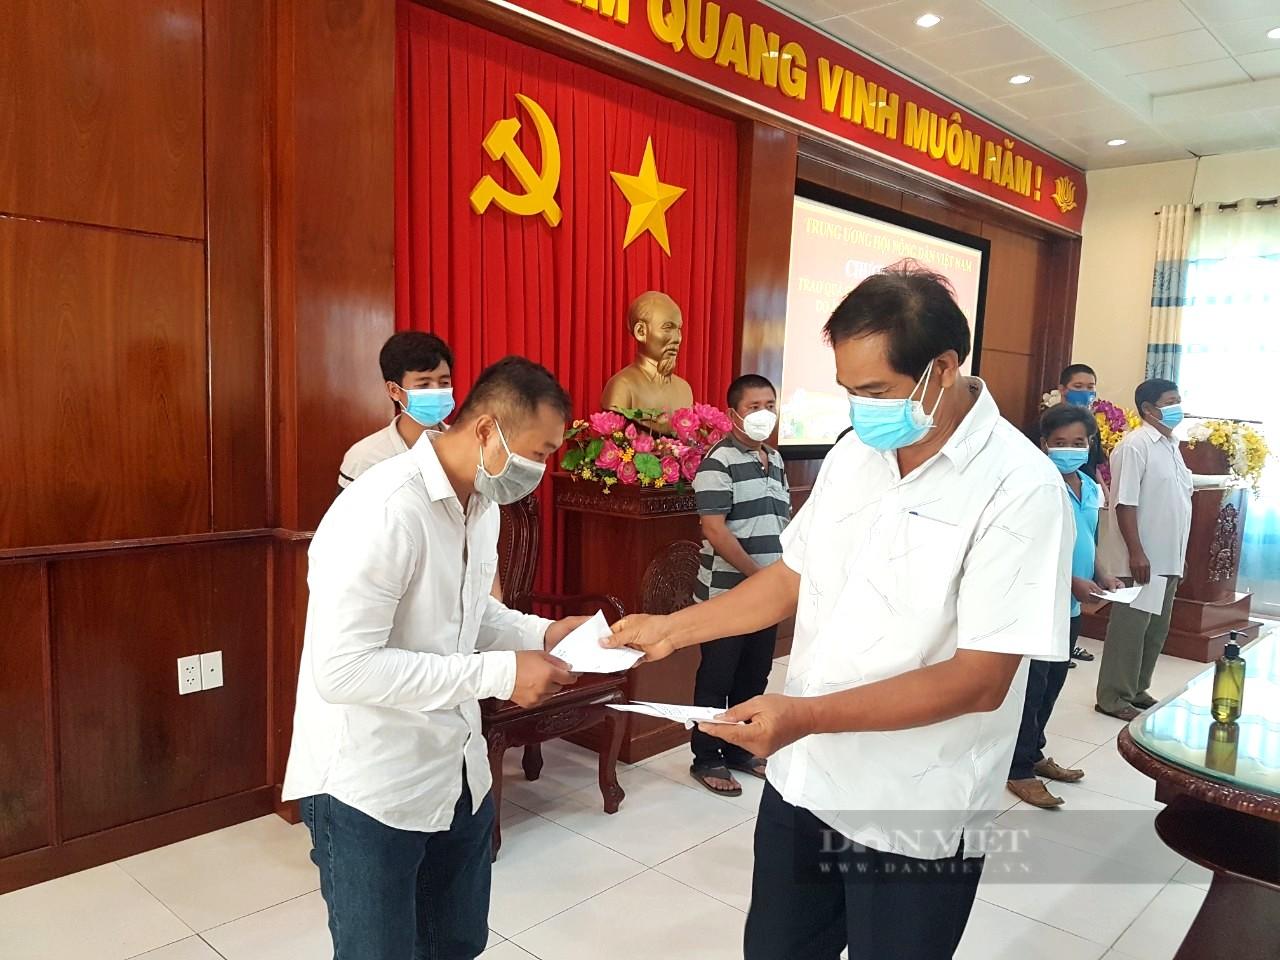 Gần 700 phần quà của Trung ương Hội Nông dân Việt Nam đến tay nông dân khó khăn phía Nam do dịch Covid-19 - Ảnh 1.